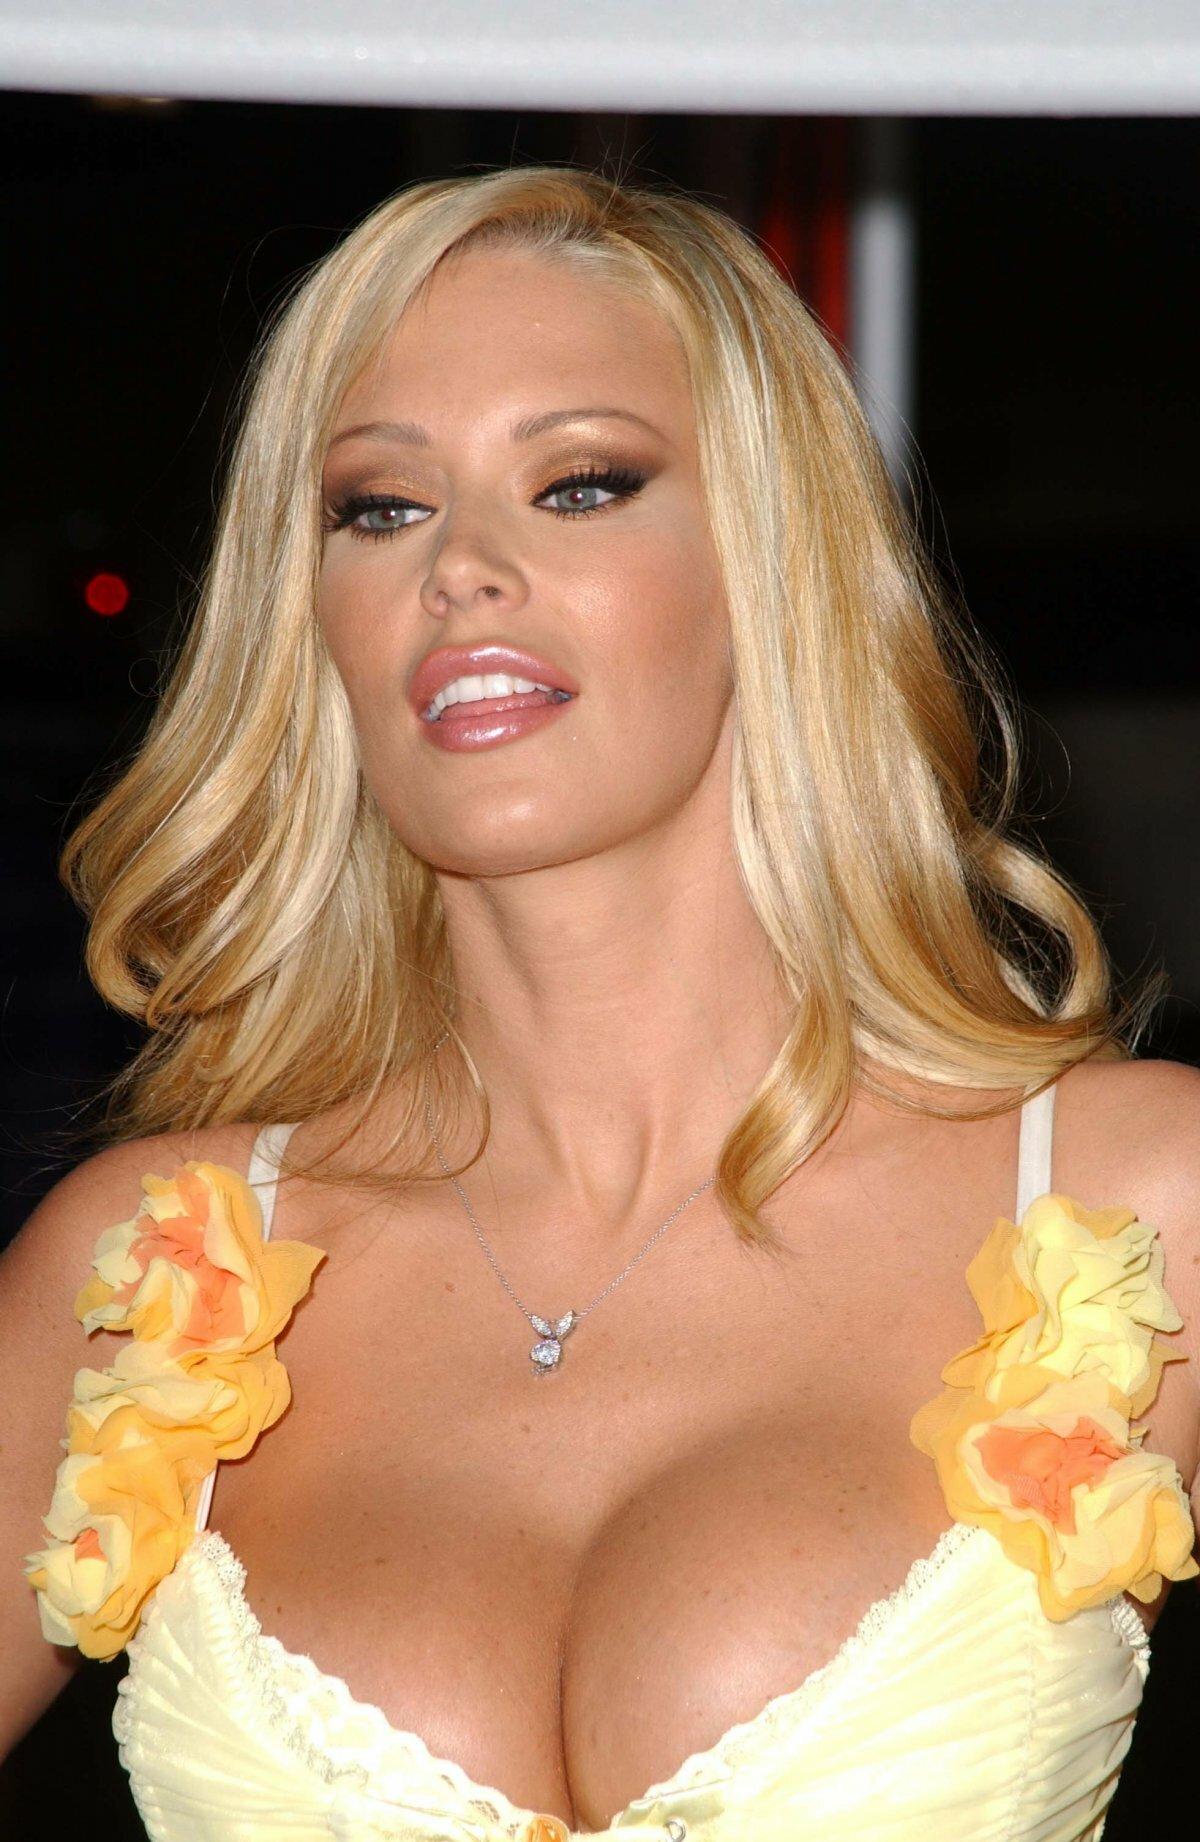 Jenna Jameson Young Nude